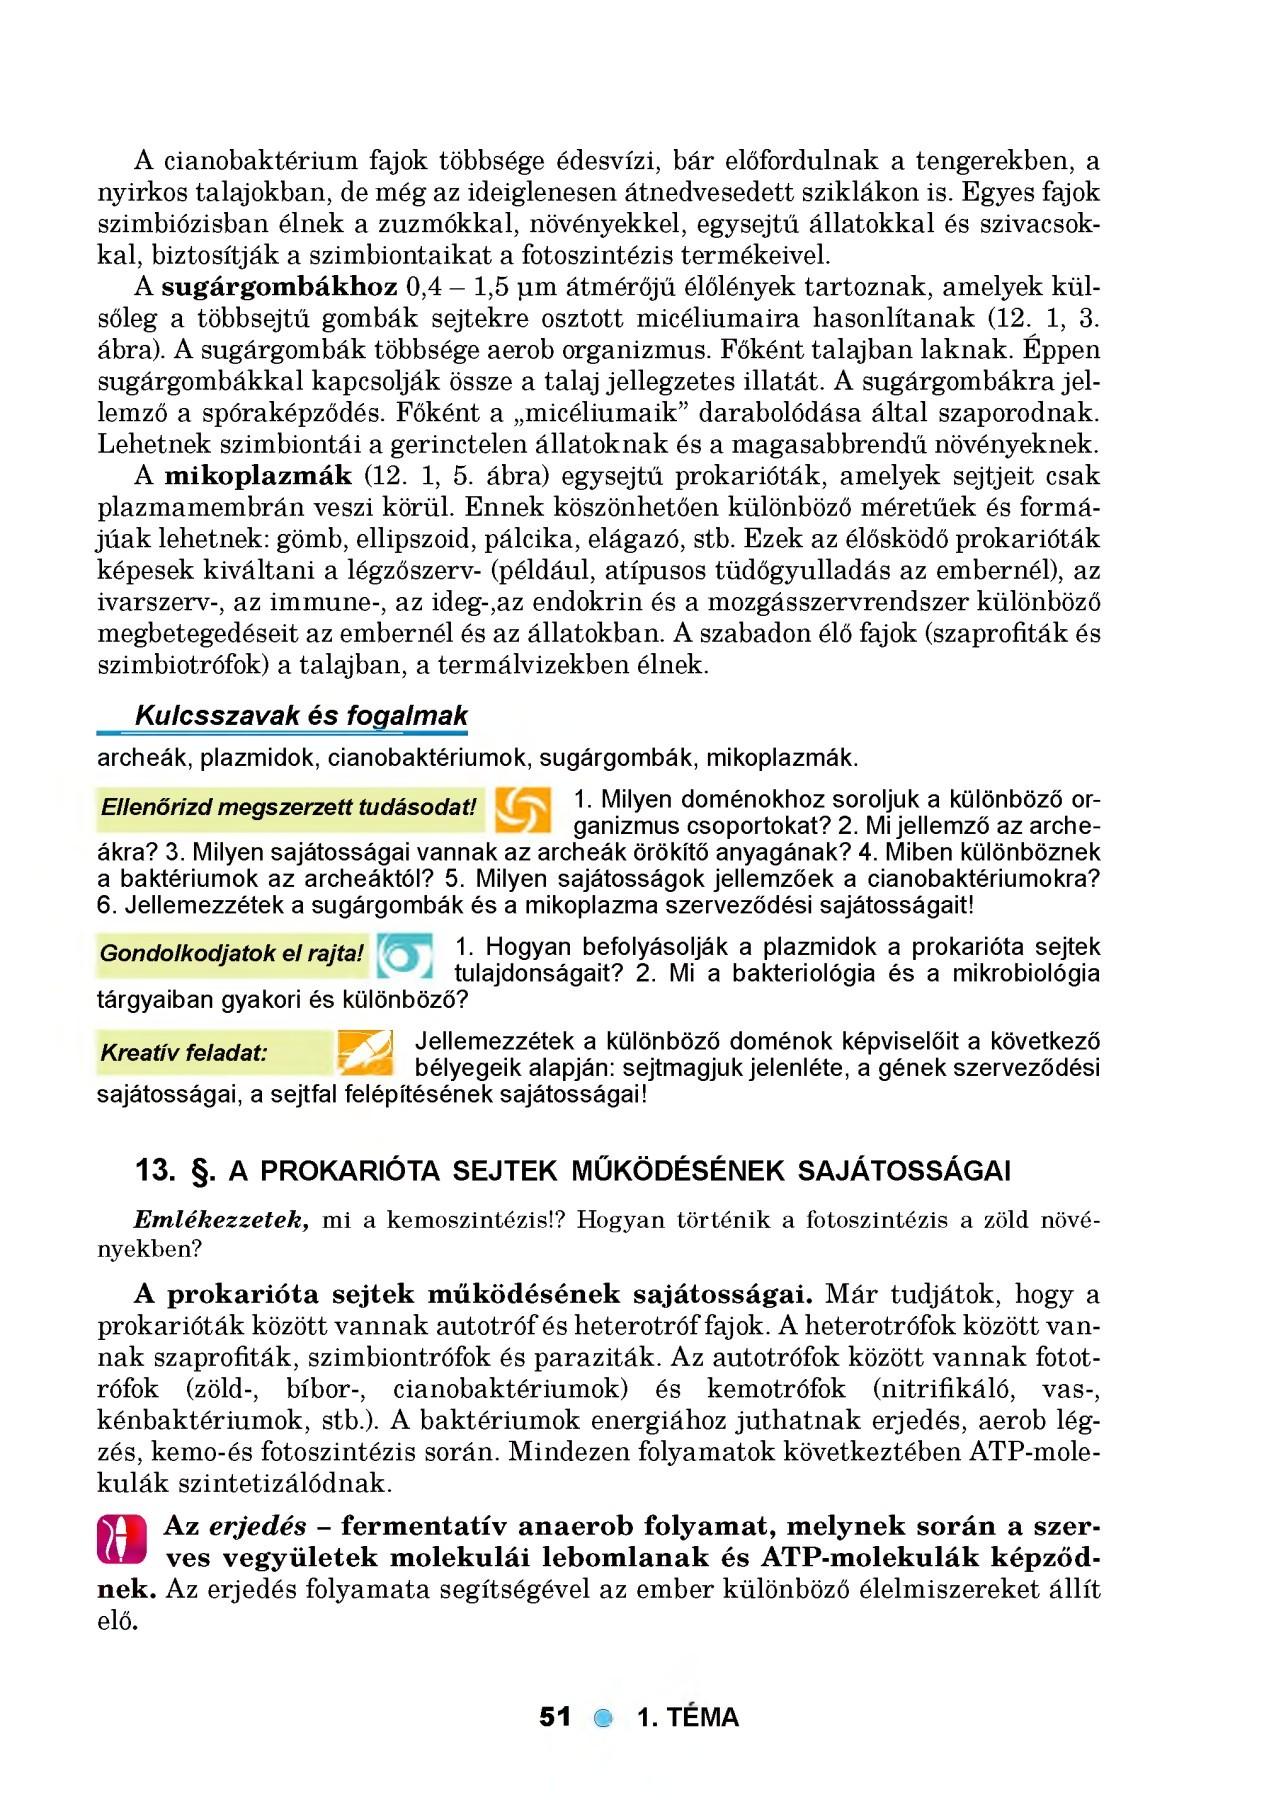 káros a parazita testének megtisztítására szerves detox tisztítja u0026 Wellness kiegészítők